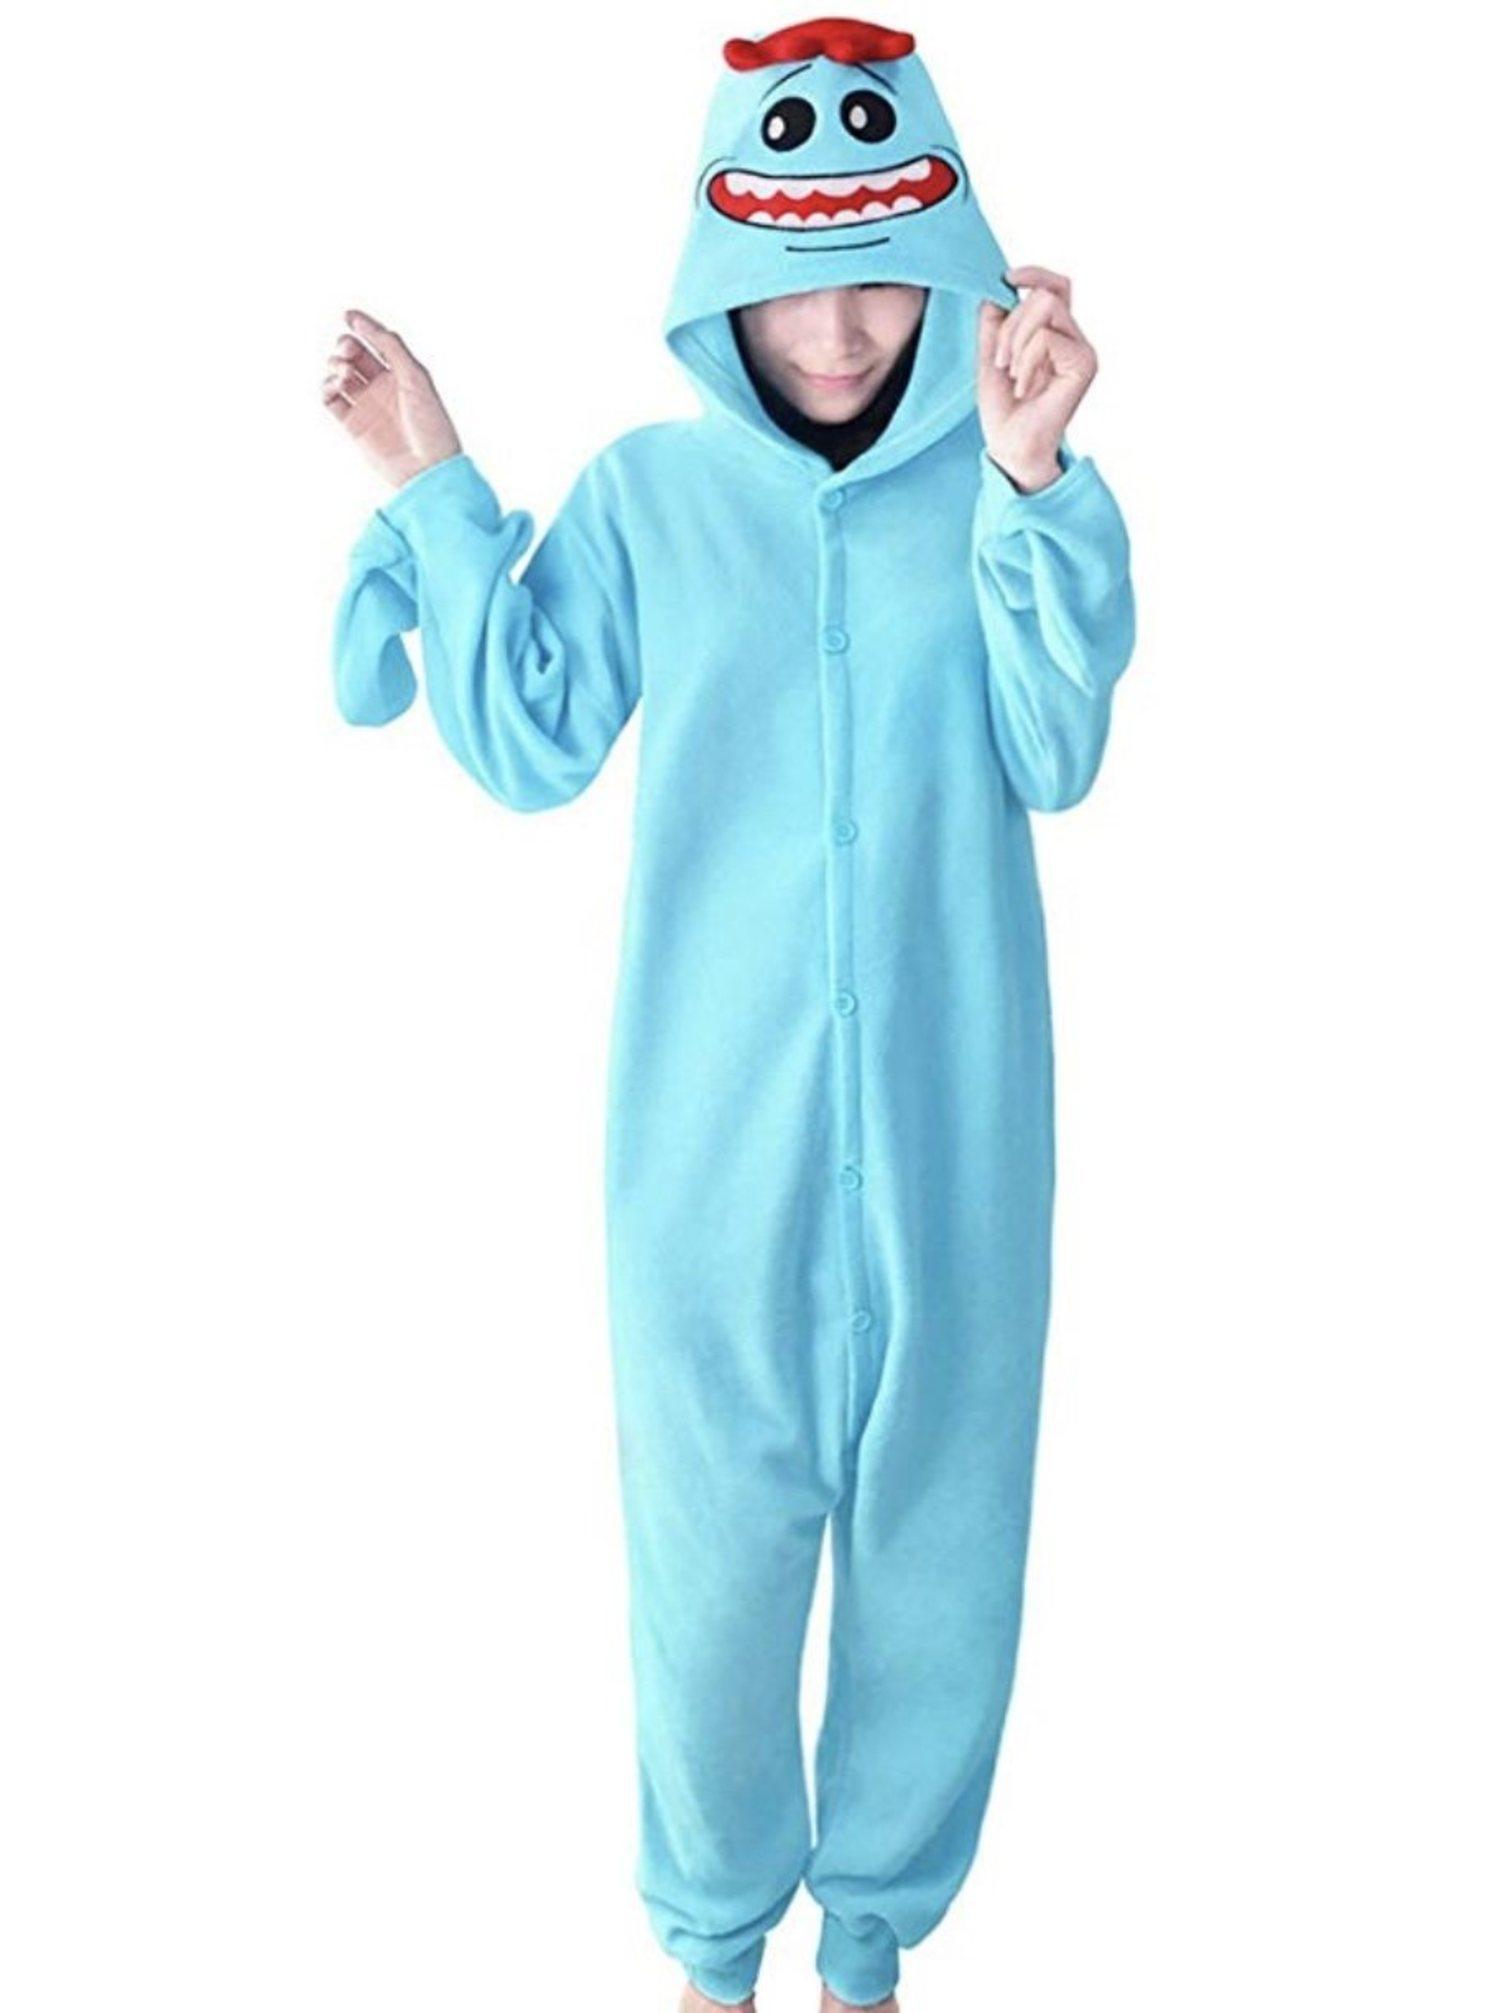 Pijama Mr. Meeseeks.